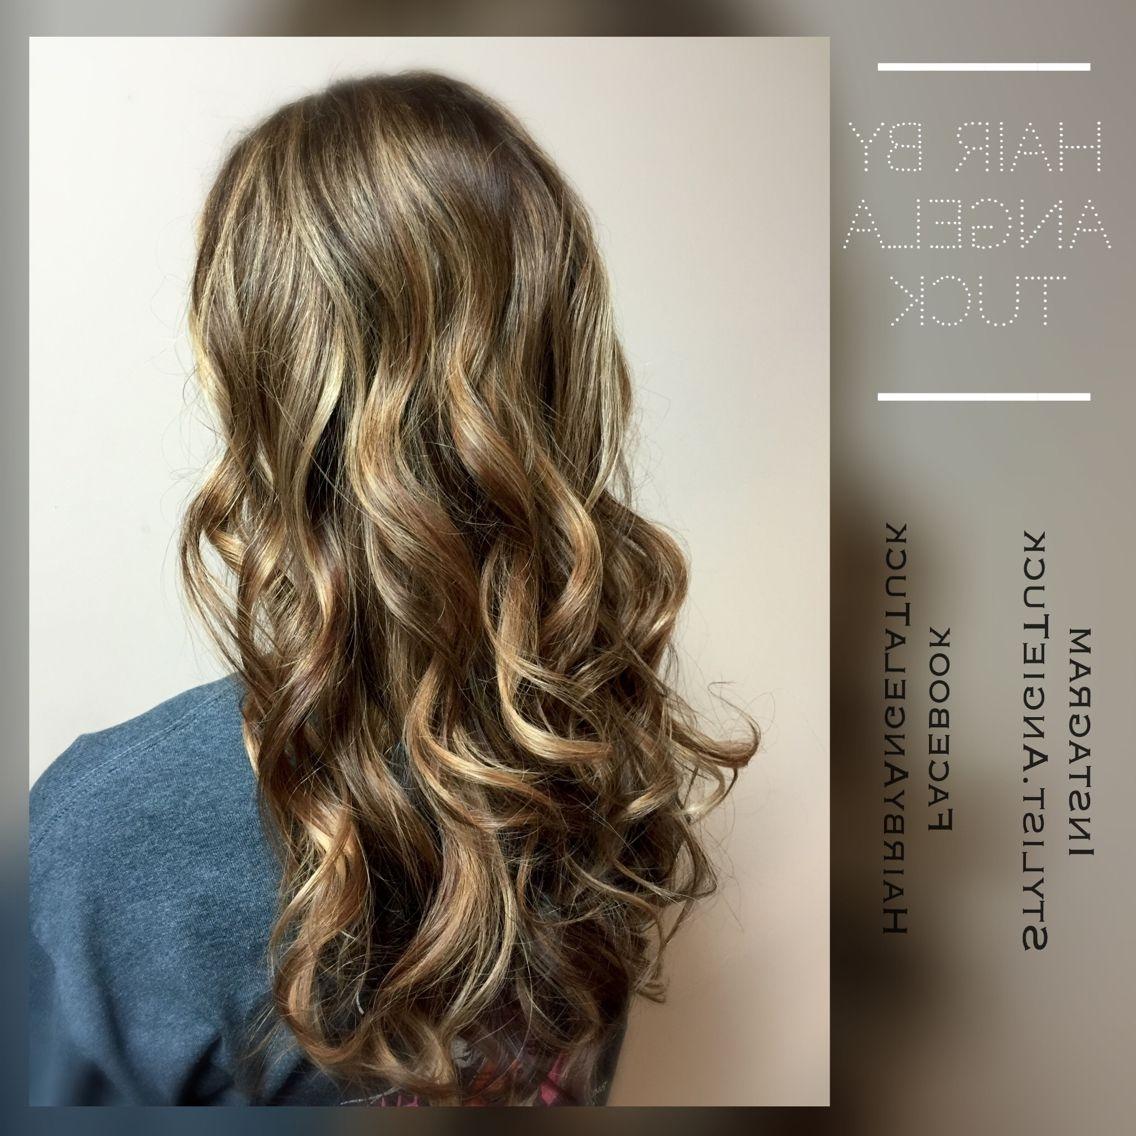 Best And Newest Bronde Beach Waves Blonde Hairstyles In Amazing Diional Bronde Dark Blonde Long Hair Beach Waves Curls Pics (View 4 of 20)